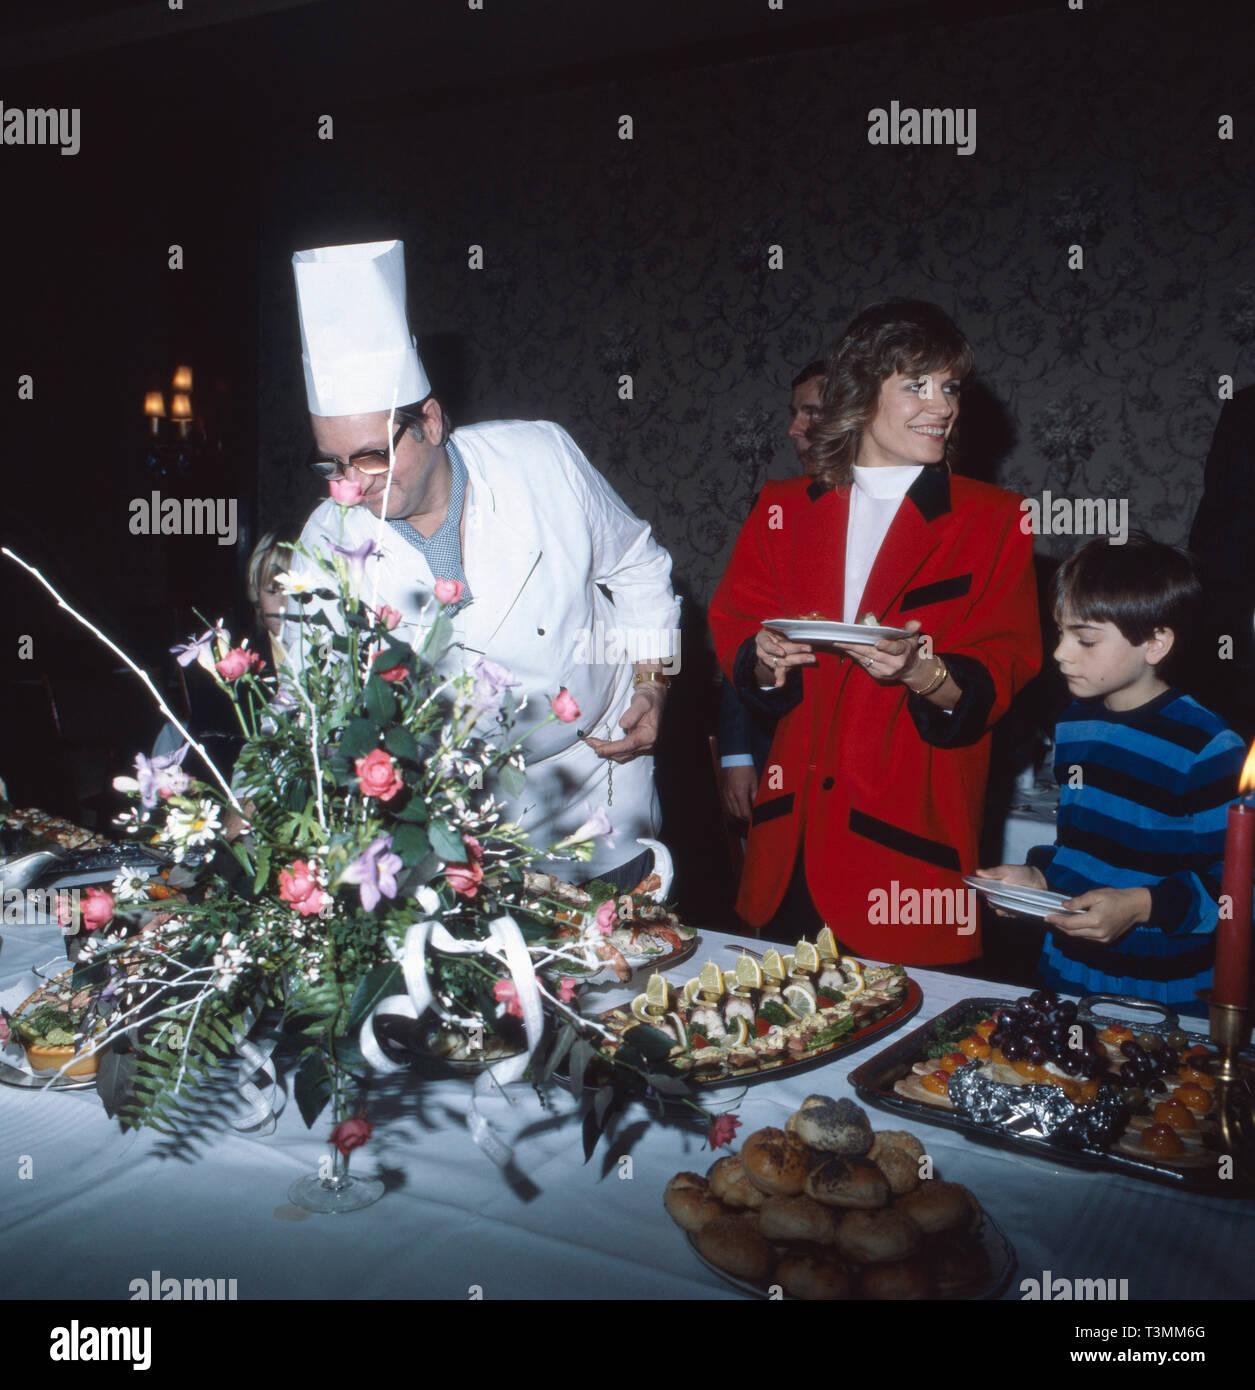 Schlagersängerin Mary Roos am Büfett an ihrem Hochzeitstag mit Werner Böhm, deutscher Sänger und Musiker, Deutschland 1981. Schlager singer Mary Roos having a snack at her wedding day with Werner Boehm, German singer and musician, Germany 1981. Stock Photo